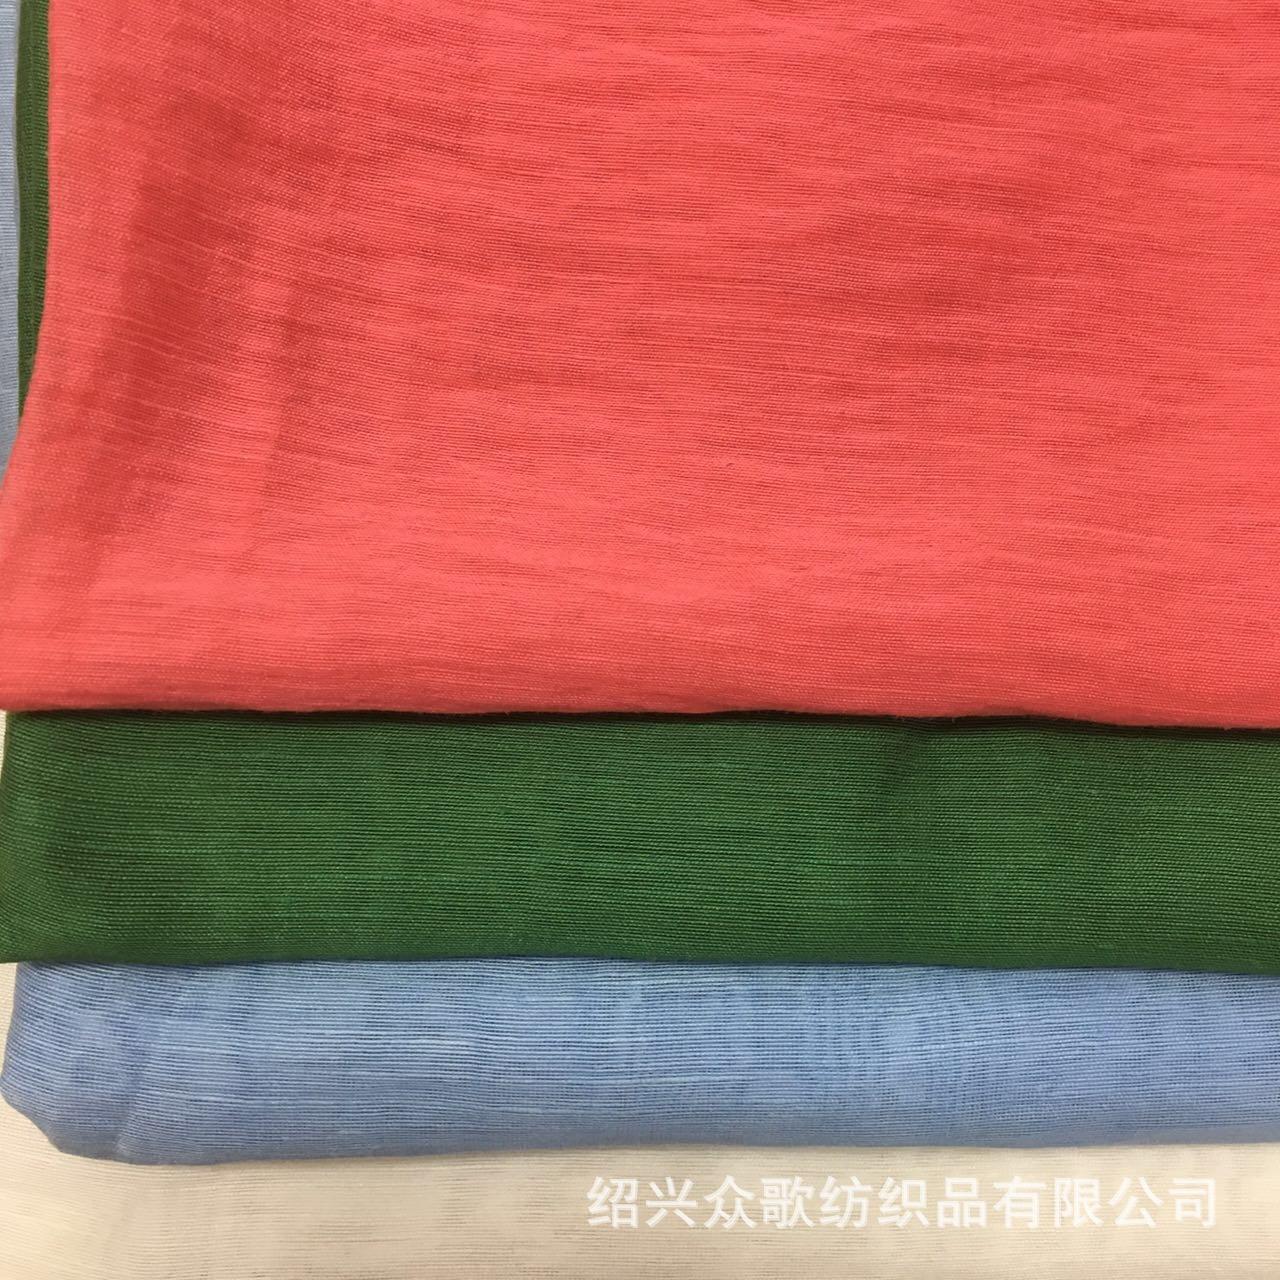 Bán buôn vải Nylon Vải bông và vải dệt thoi Tencel Áo thun thể thao mùa xuân và mùa hè Quần dài thời